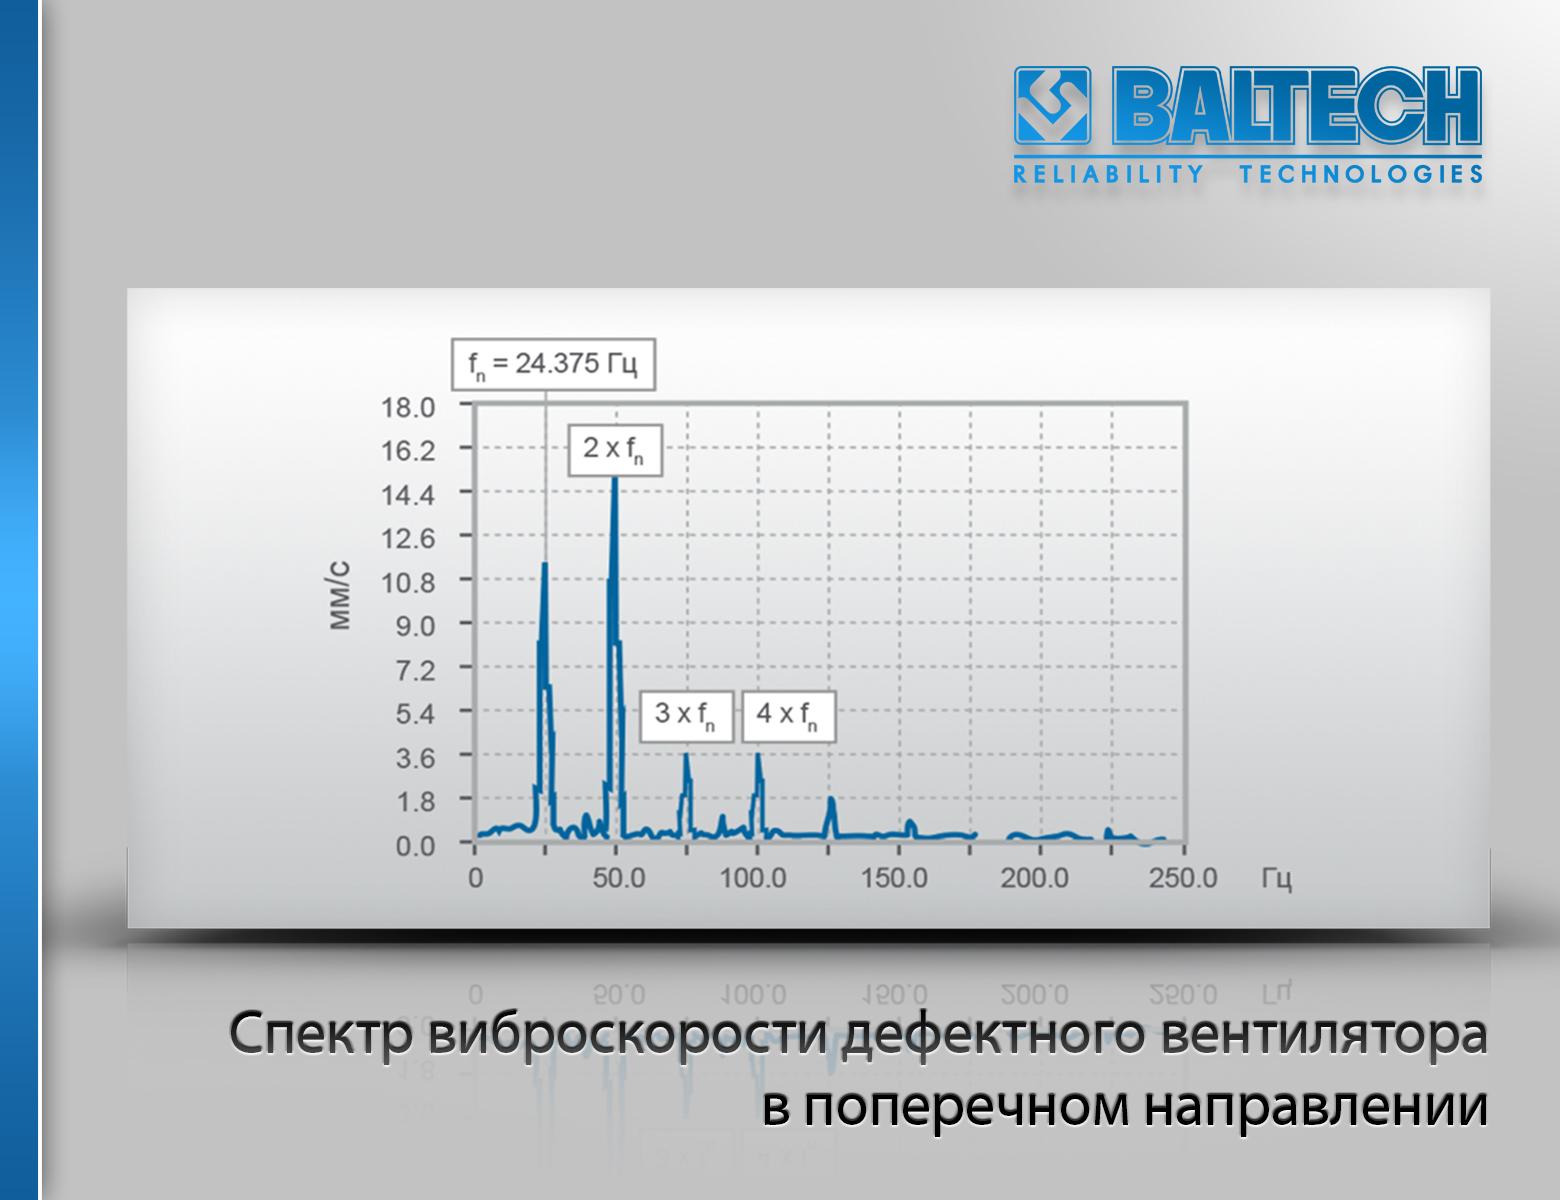 Спектр виброскорости дефектного вентилятора в поперечном направлении